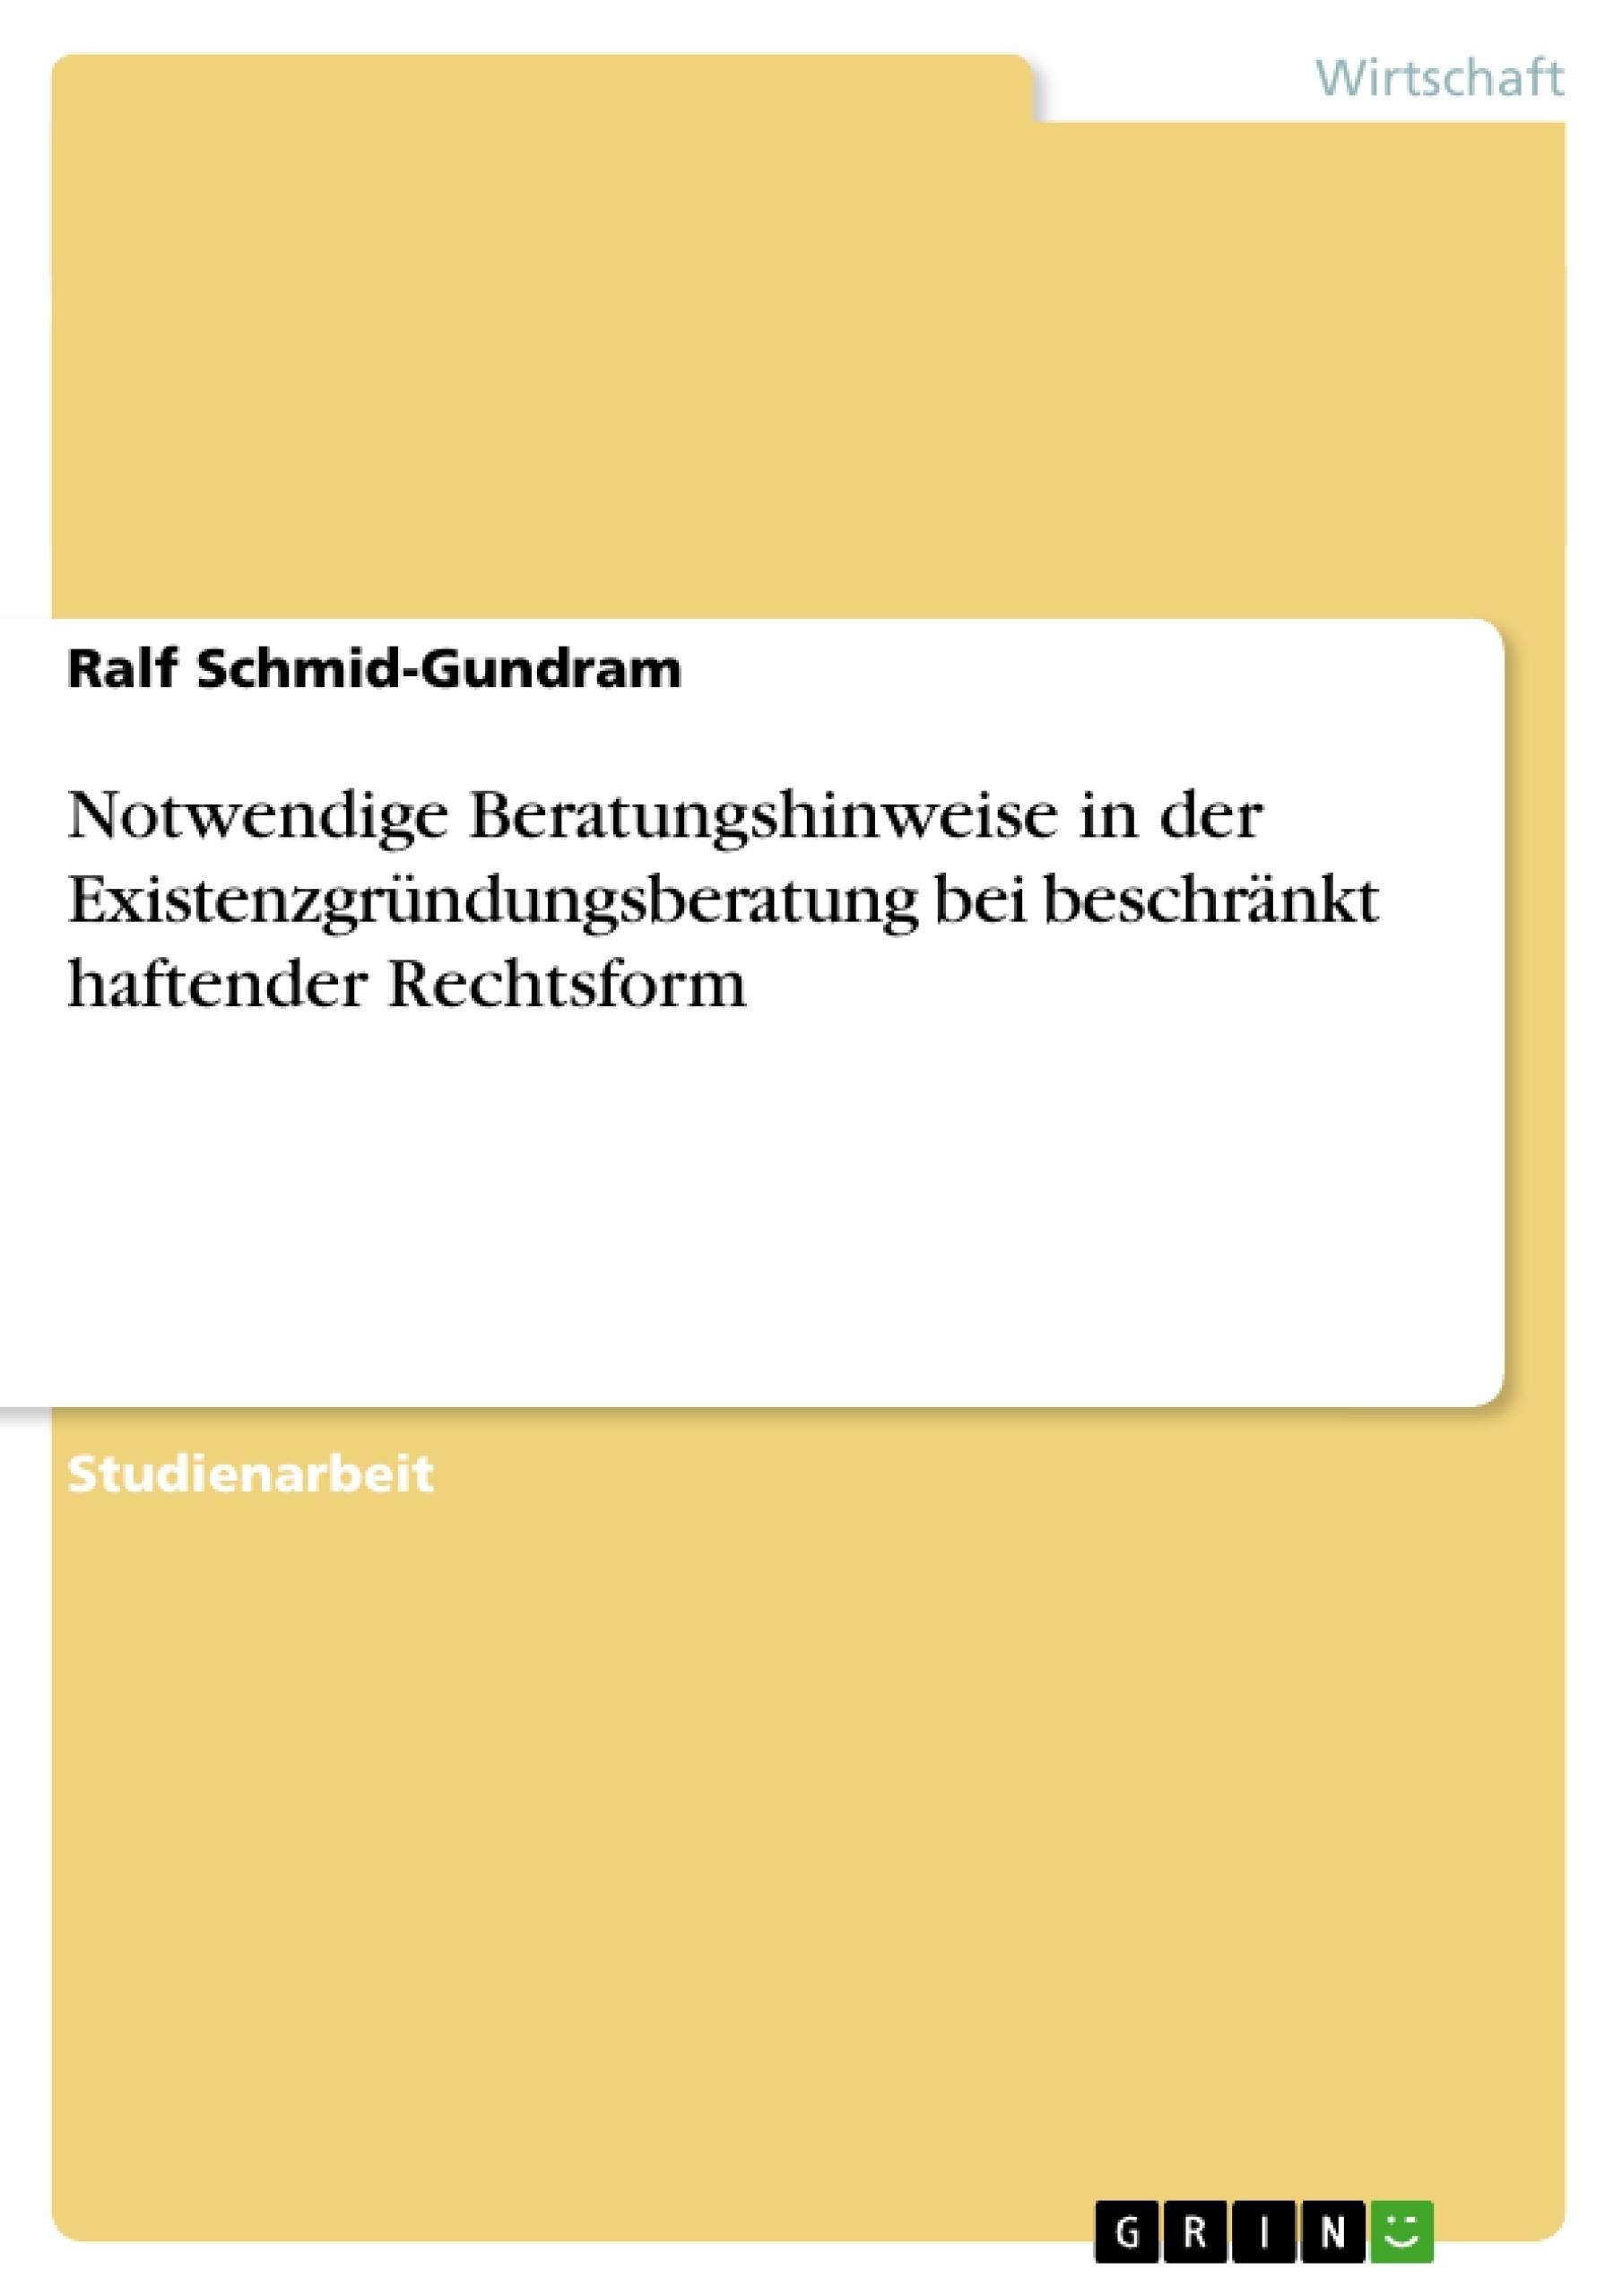 Titel: Notwendige Beratungshinweise in der Existenzgründungsberatung bei beschränkt haftender Rechtsform